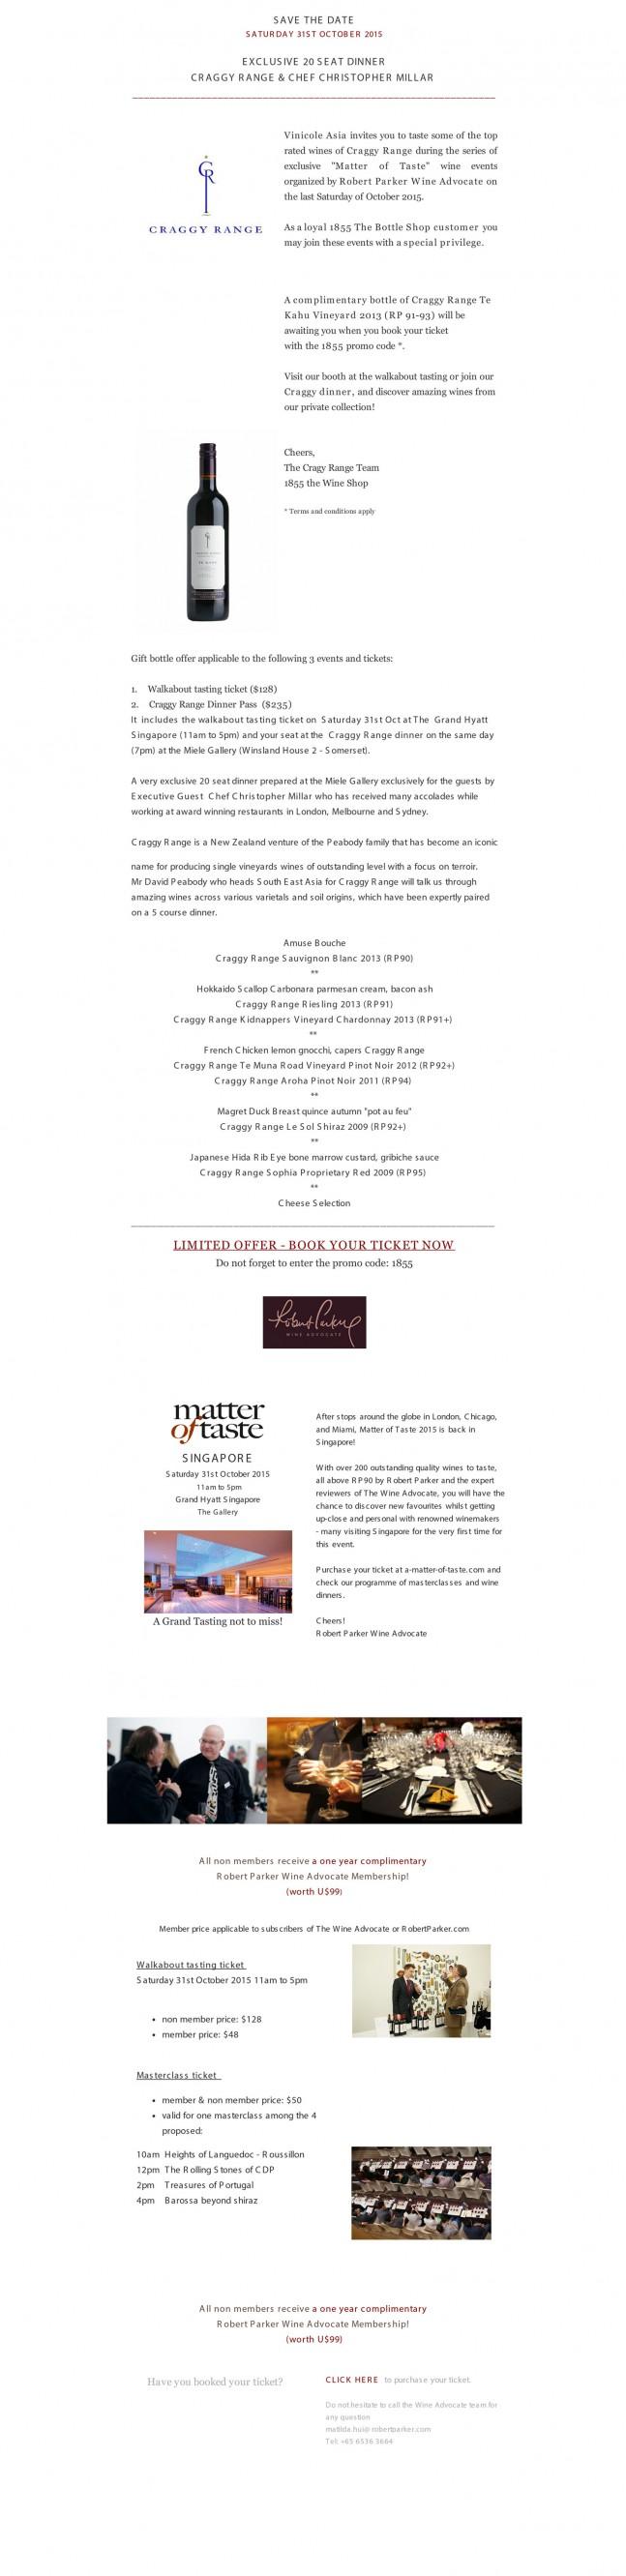 Robert Parker Matter of Taste - Craggy Range Dinner Singapore